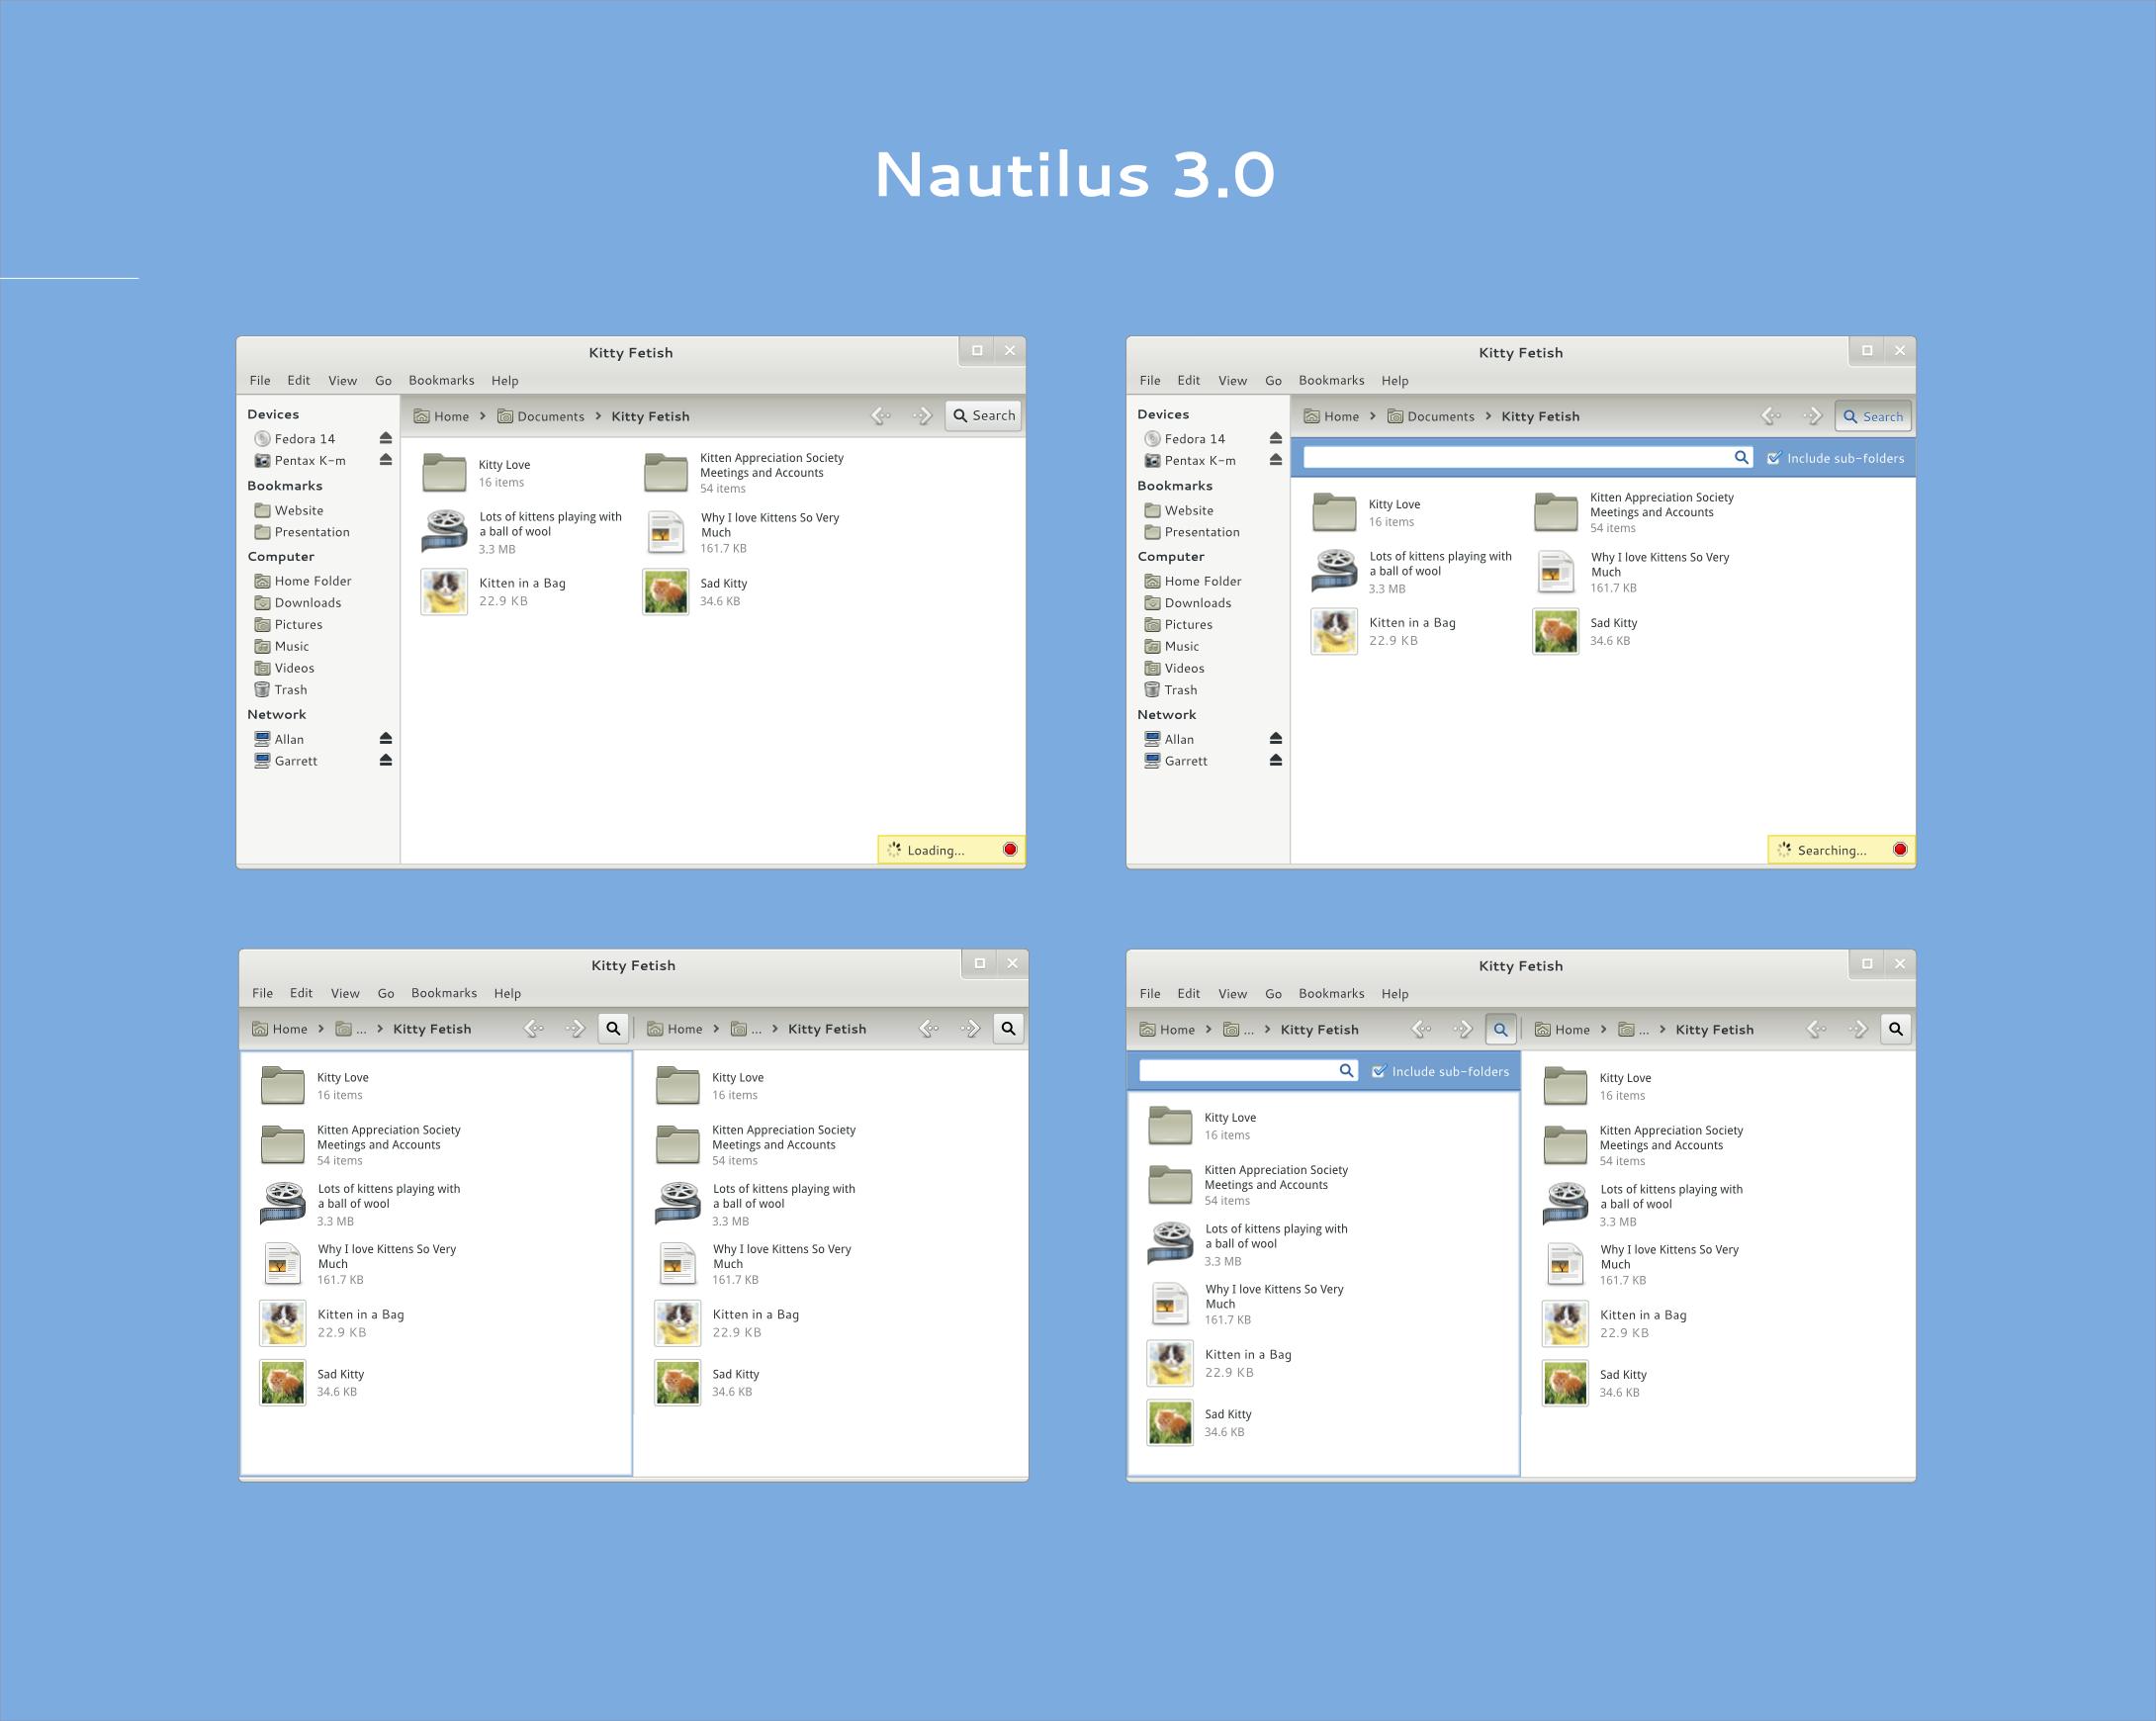 Nautilus 3.0 comincia a farsi notare dal grande pubblico